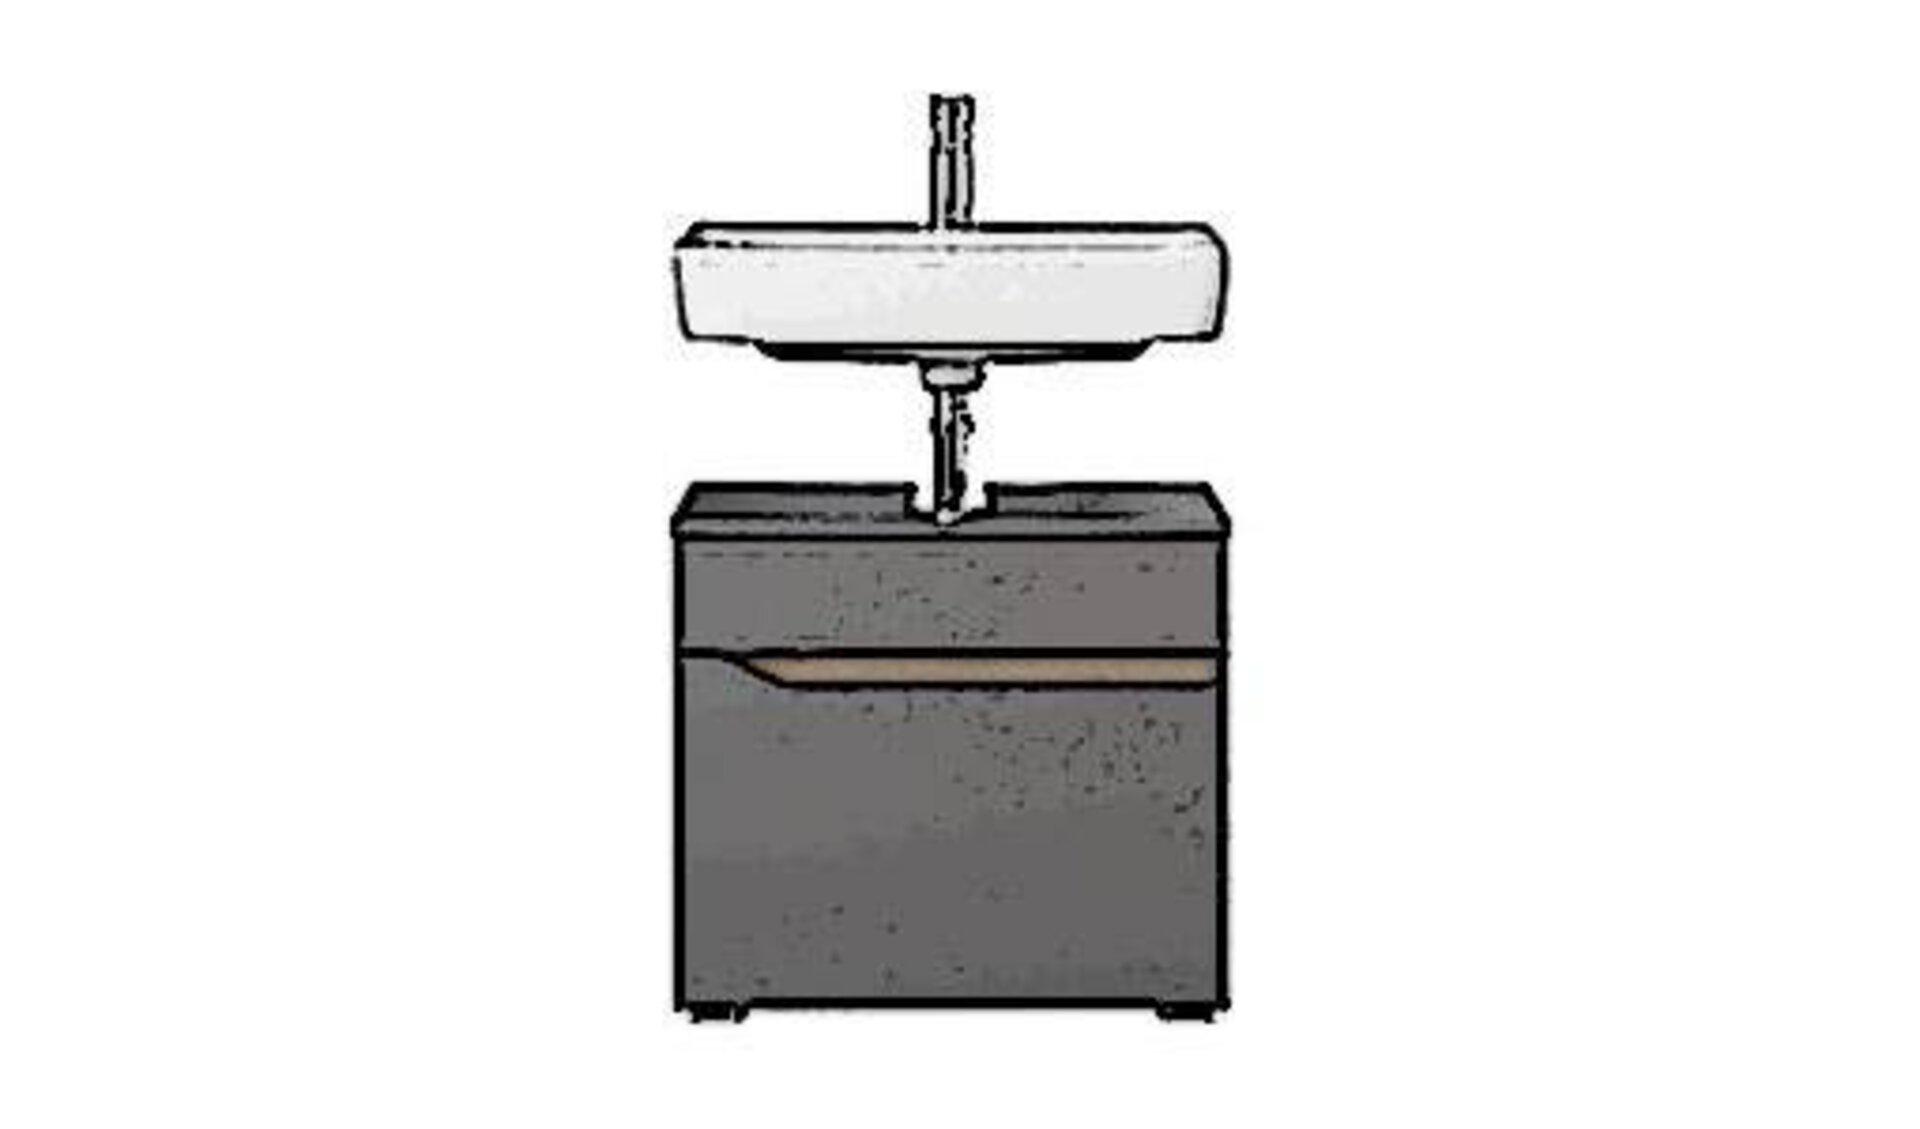 """Die Kategorie """"Waschbeckenunterschränke"""" wird hier durch einen dunkelgrauen Waschbeckenunterschrank abgebildet. Oberhalb davon kann man das weiße Keramik-Waschbecken und ein Teil der Wasserleitung sehen."""